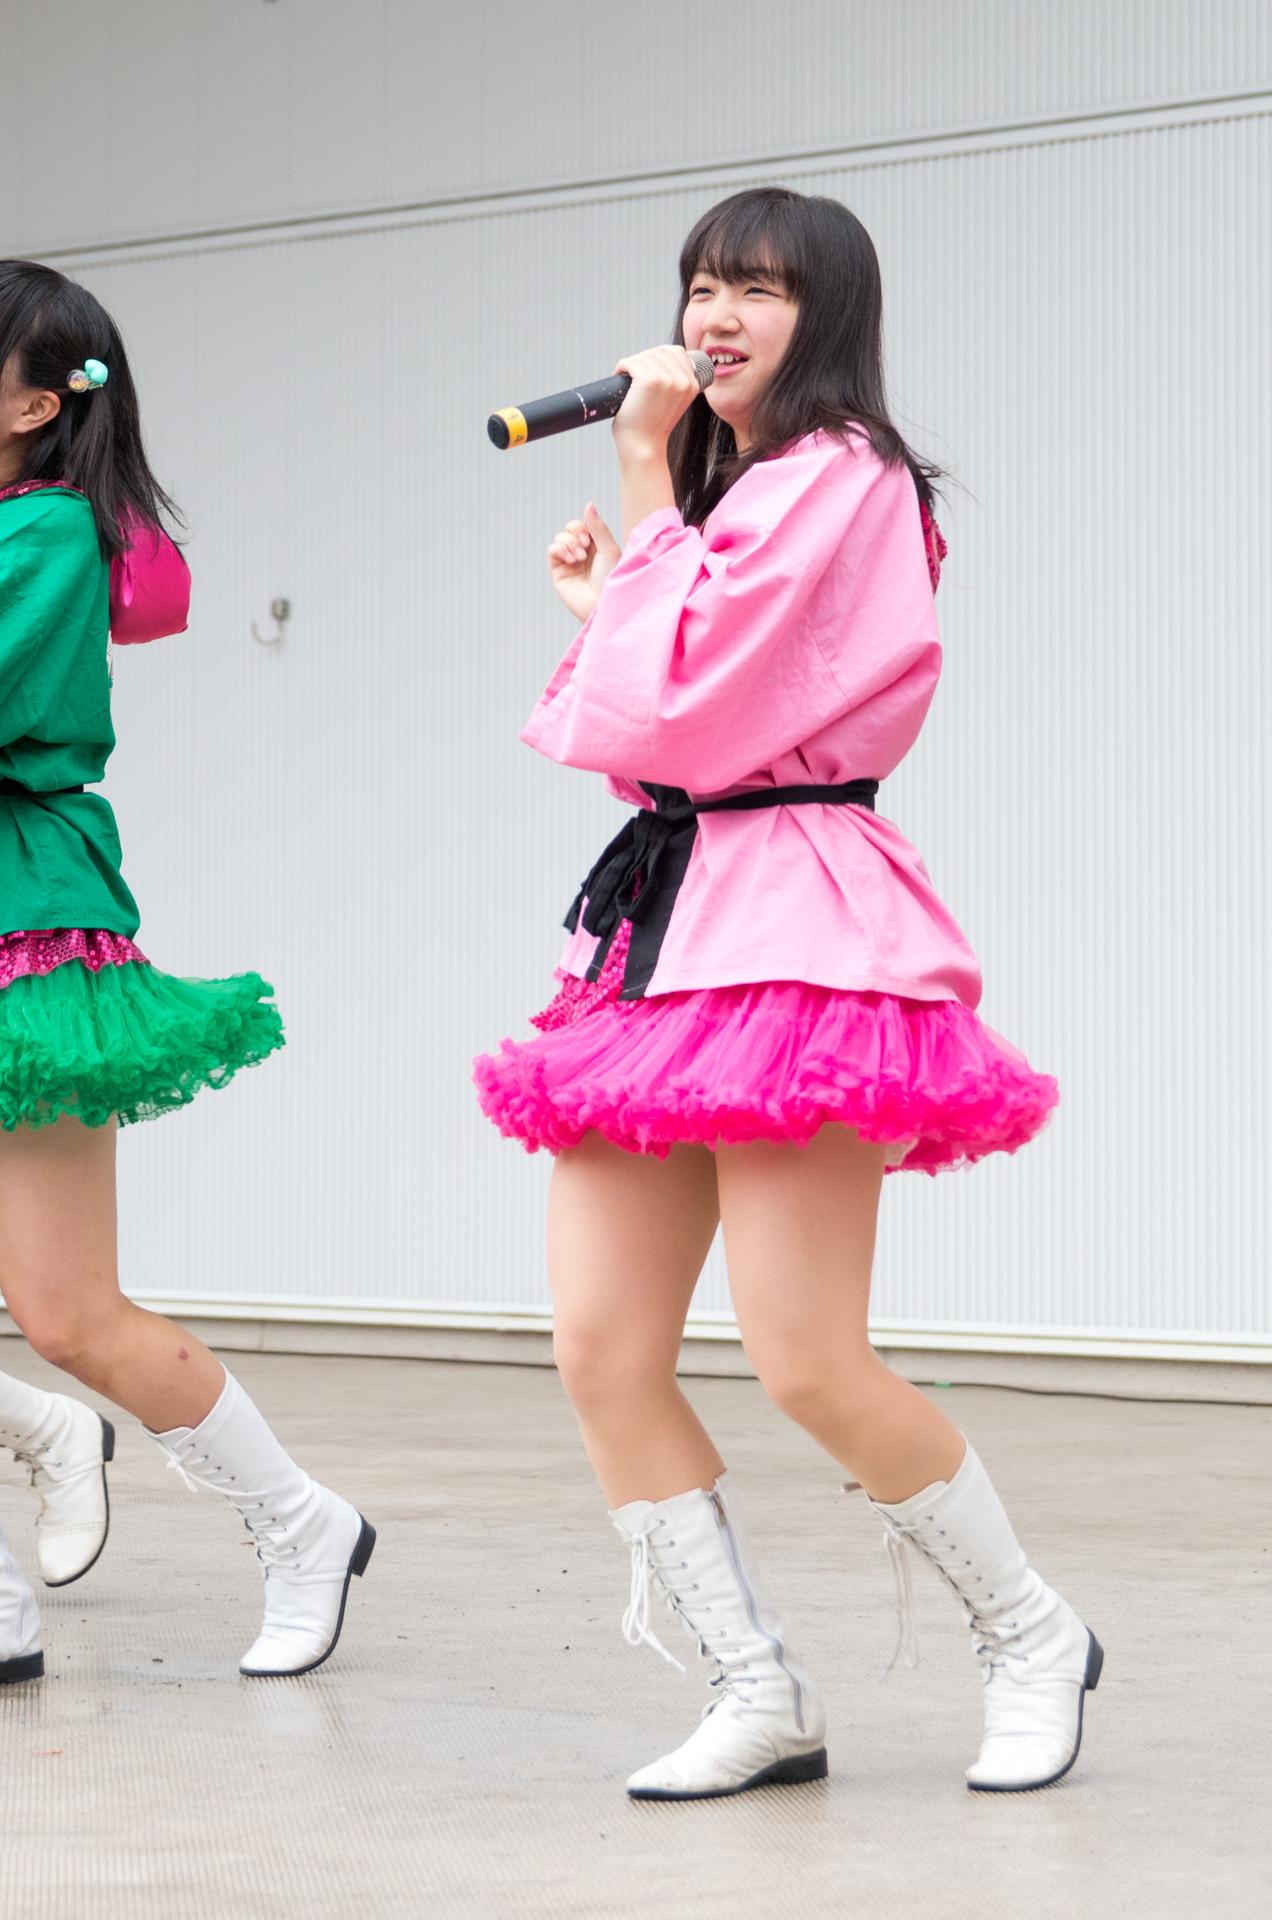 2代目HAPPY少女♪ きょうか ( 山田京佳 ) | アイドルライブ in 円山動物園